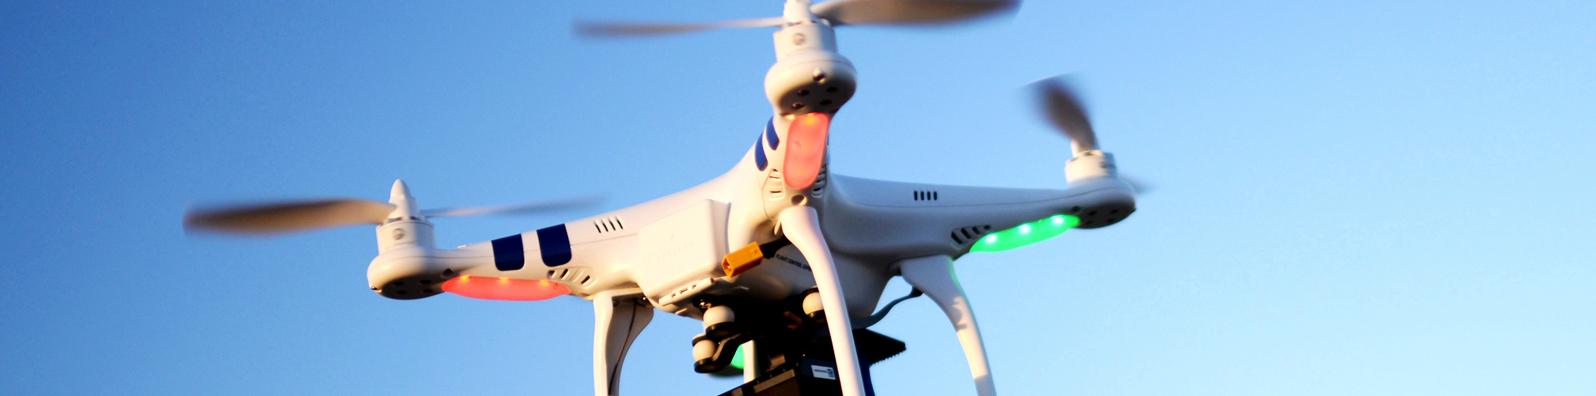 Eurosport Drone Yarışları Yayınlayacak